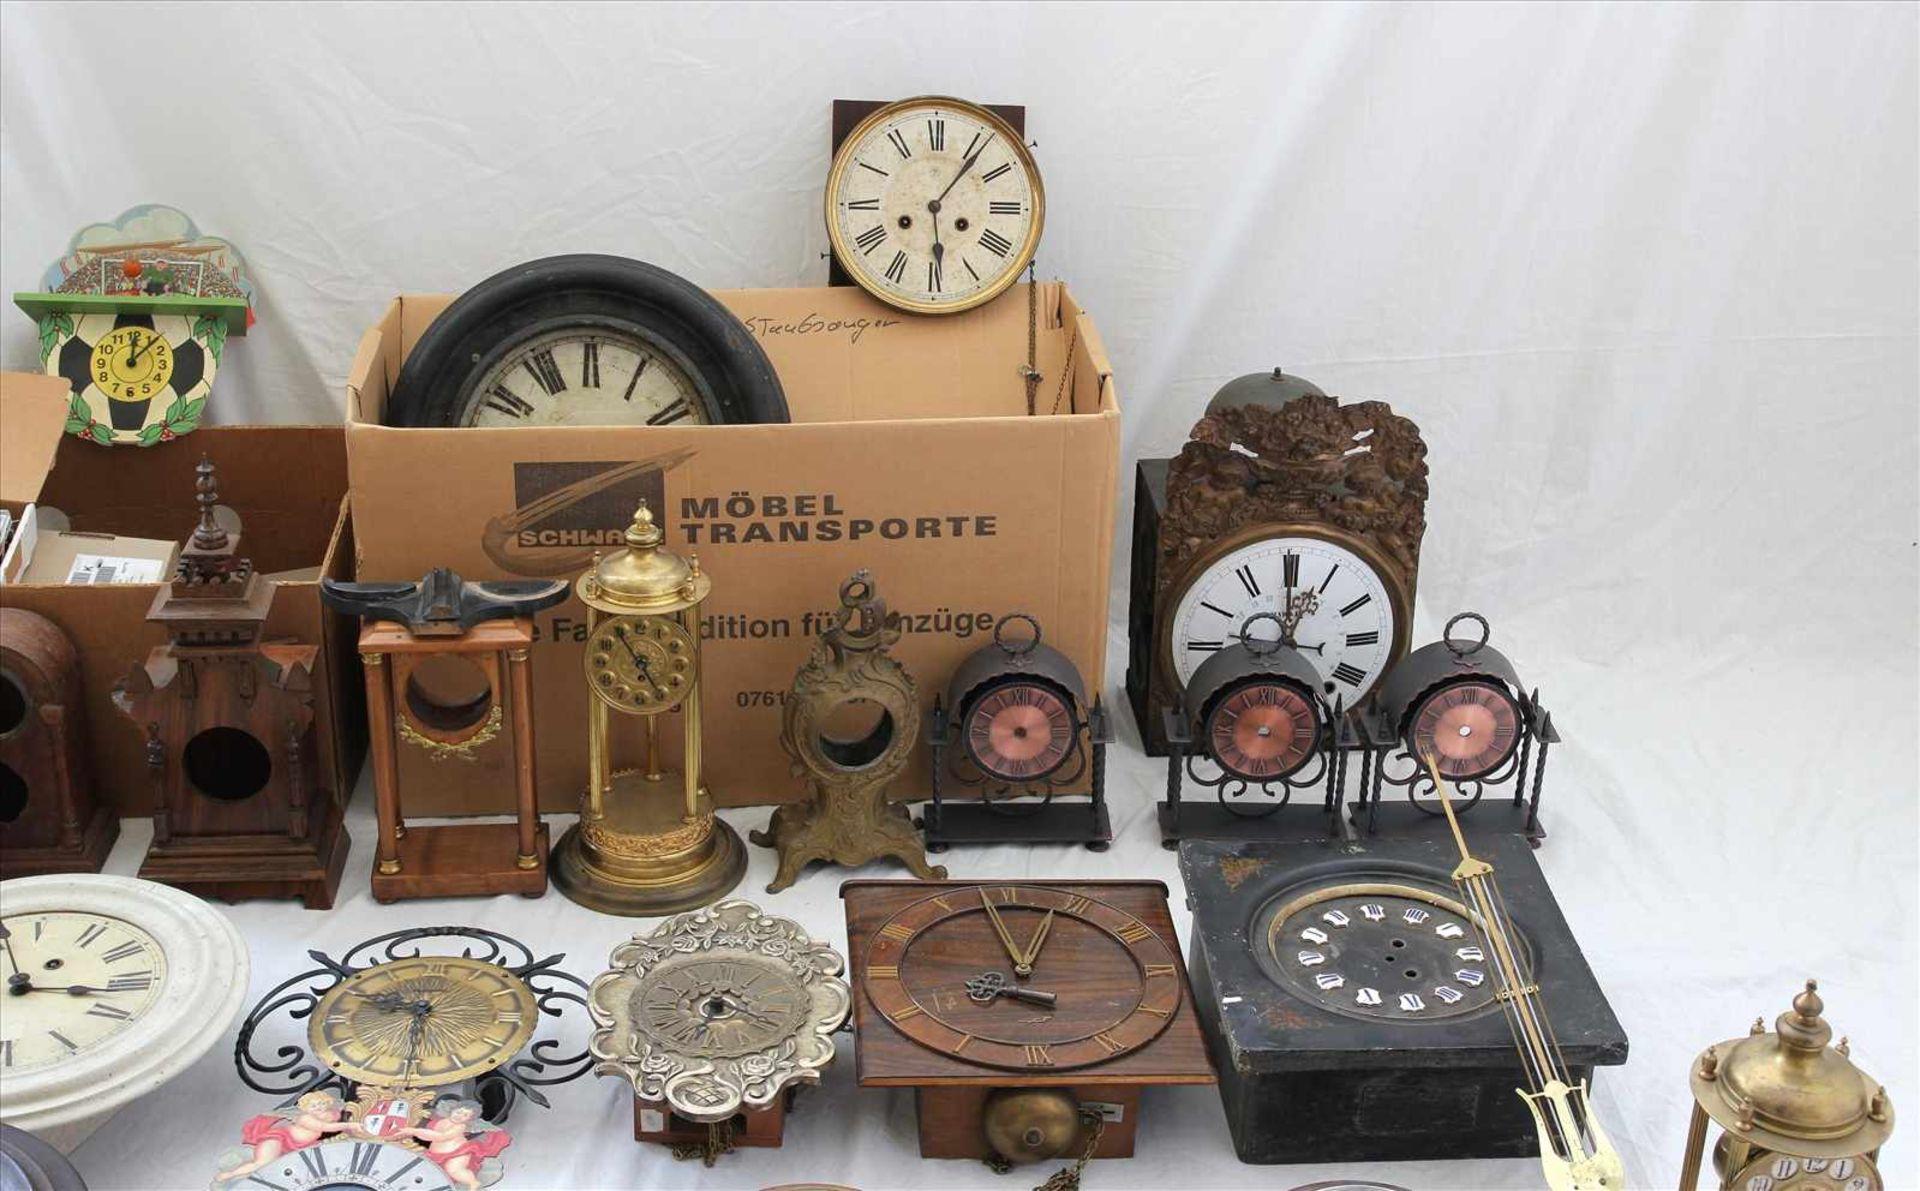 Los 37 - Konvolut Uhrenteileund Uhren, teils 19. Jh. Werkzeug etc. Zustand wie abgebildet. Bitte selbst